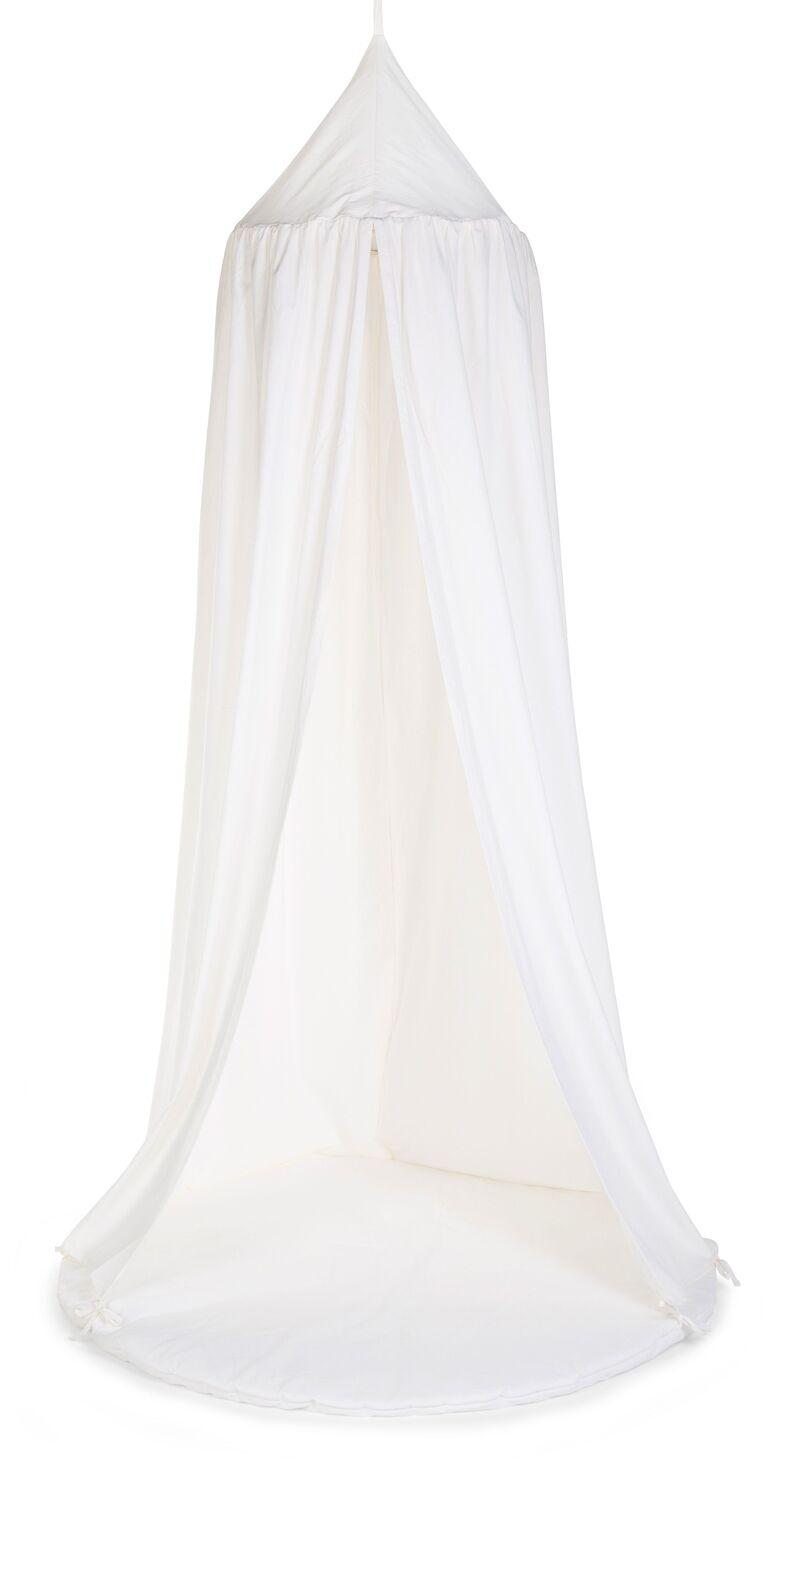 Ciel de lit enfant et tapis de jeu jersey 120x120 cm écru Childhome